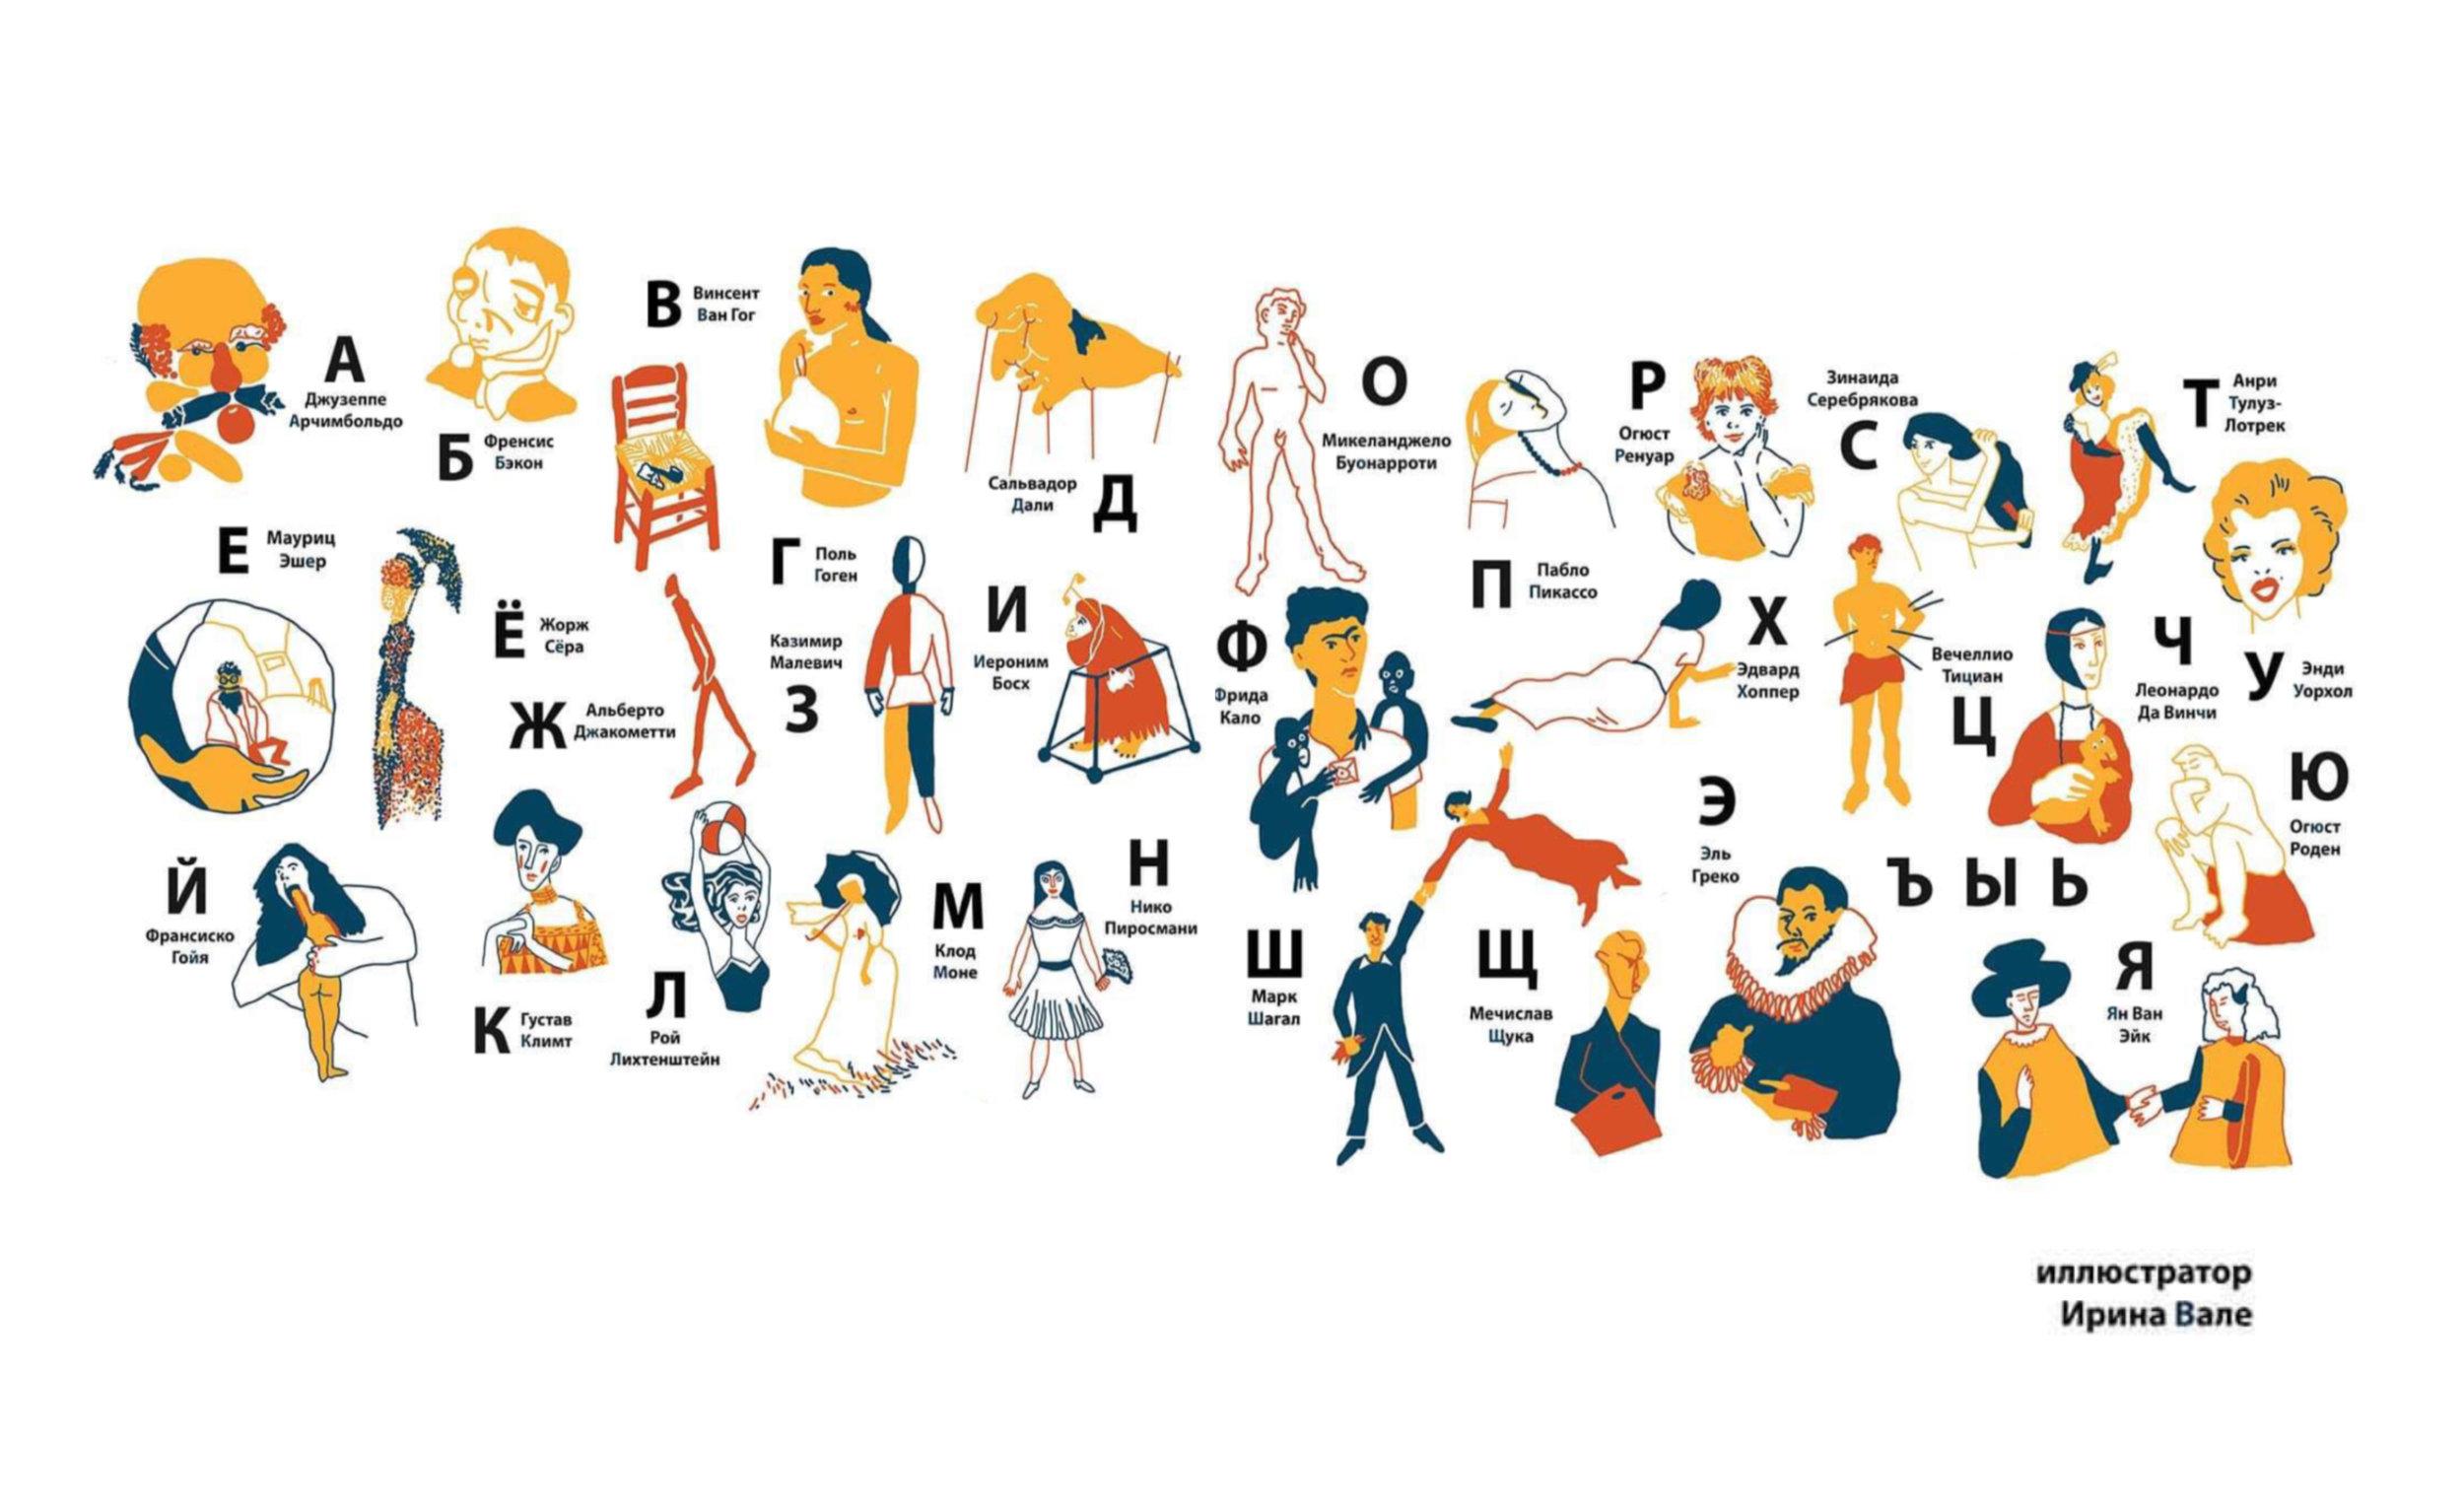 Київська ілюстраторка презентує на Книжковому Арсеналі альтернативний формат алфавіту